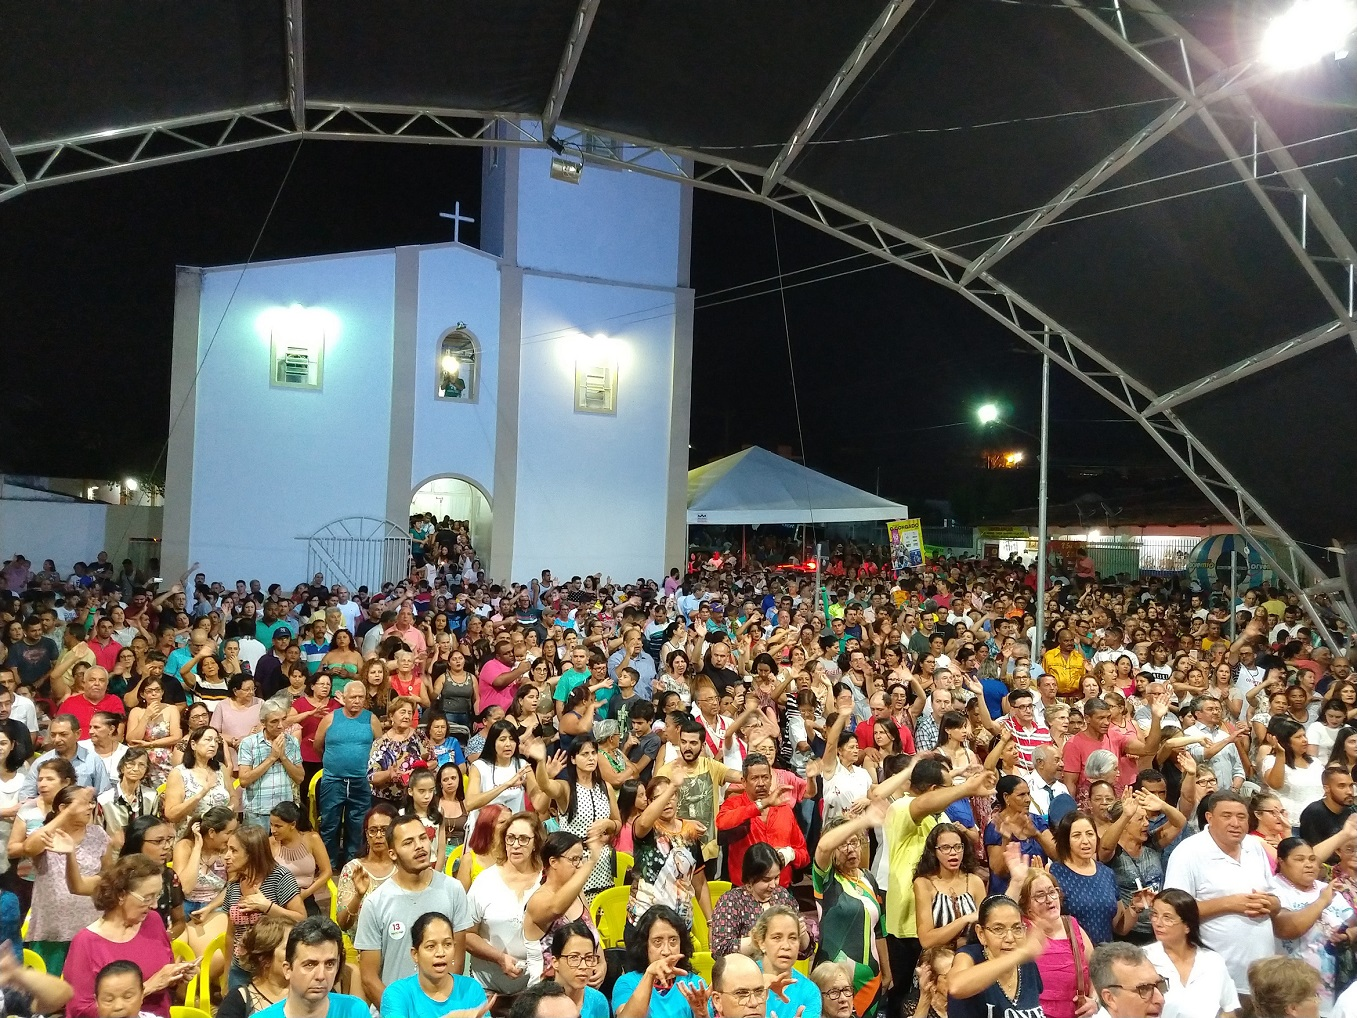 CORONAVÍRUS: REALIZAÇÃO DA CENTENÁRIA FESTA DO ROSÁRIO DE CATALÃO DEVE SER DISCUTIDA SOMENTE EM AGOSTO; DIRETORIA SE REUNIRÁ NA MANHÃ HOJE COM O PREFEITO ADIB